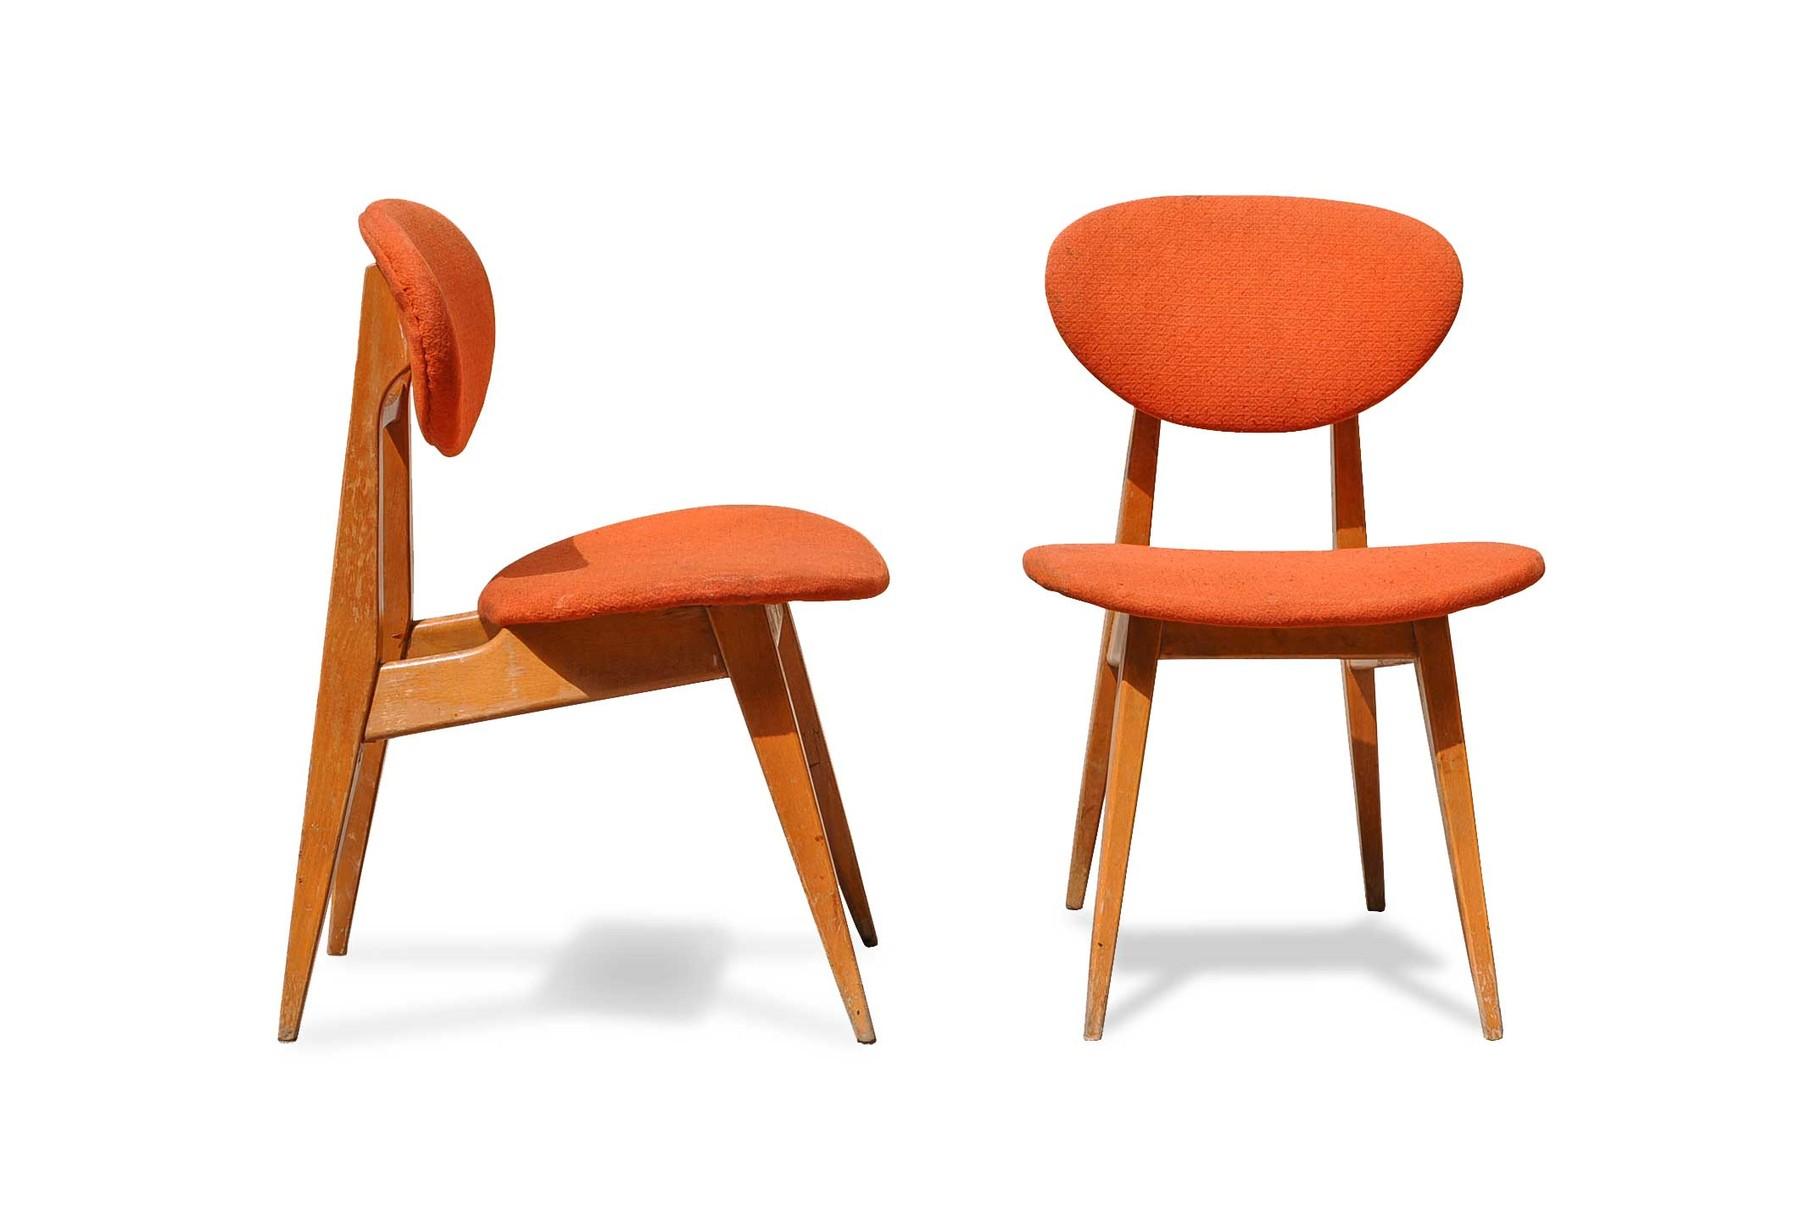 sedie di design anni '60. Sedie Anni 60 Design Scandinavo Italian Vintage Sofa